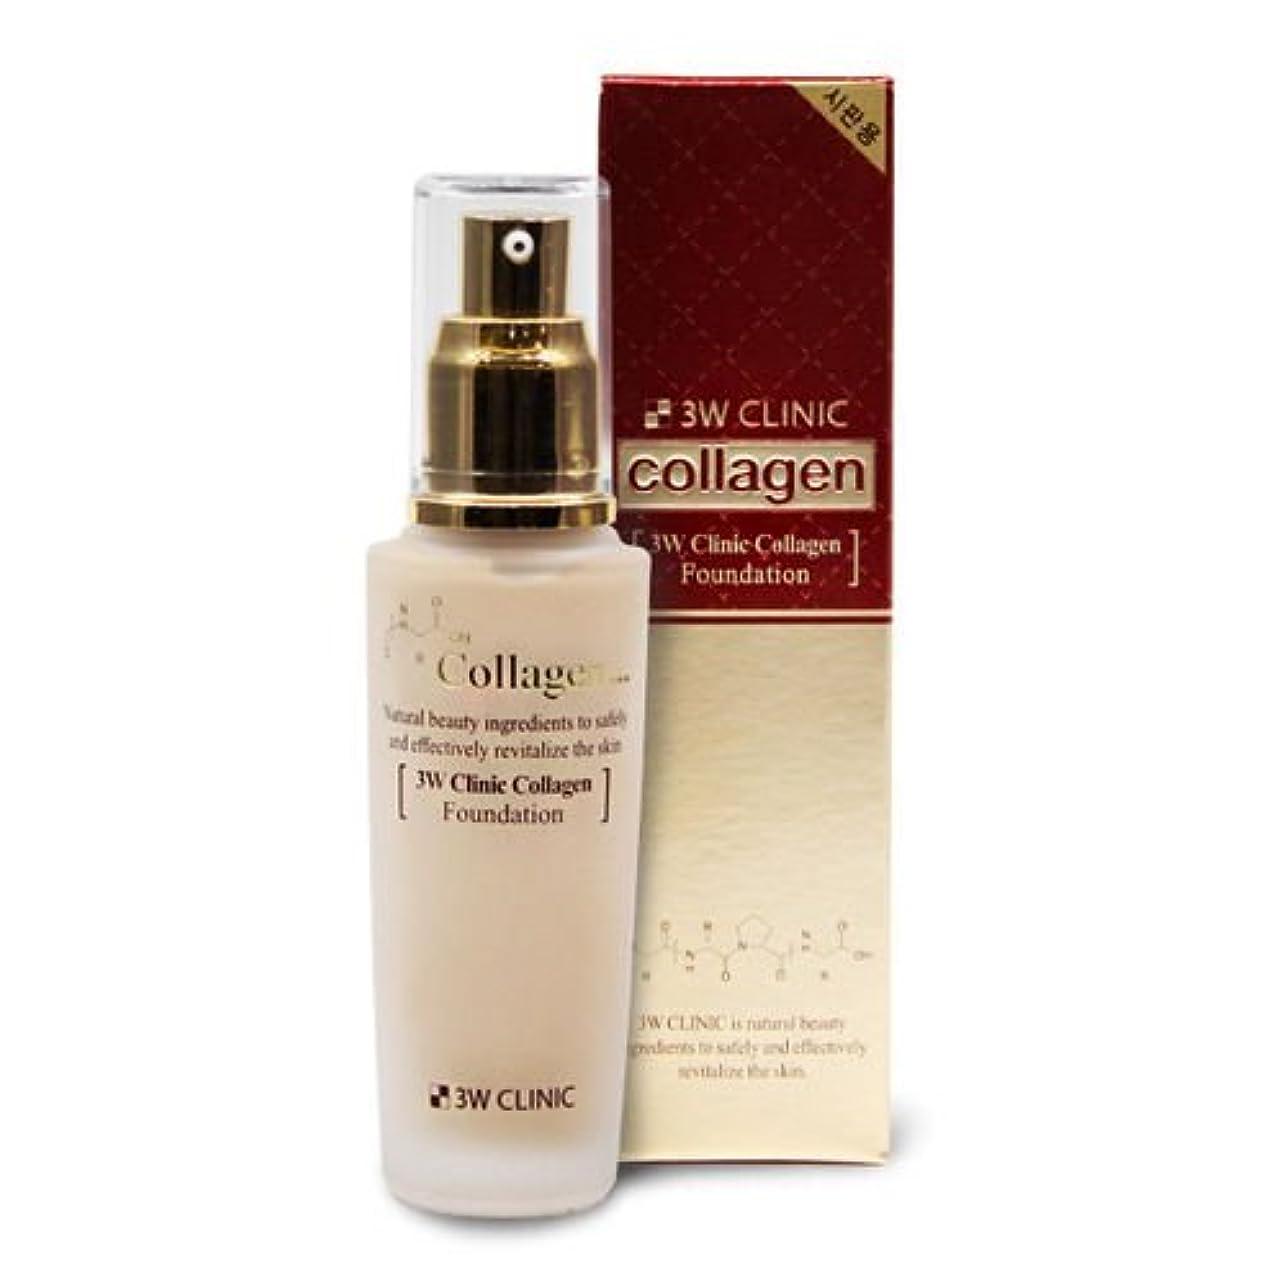 靴作詞家いちゃつく3Wクリニック[韓国コスメ3w Clinic]Collagen Foundation Perfect Cover Make-Up Base コラーゲンファンデーションパーフェクトカバーメイクアップベース50ml[並行輸入品] (21.クリアベージュ)